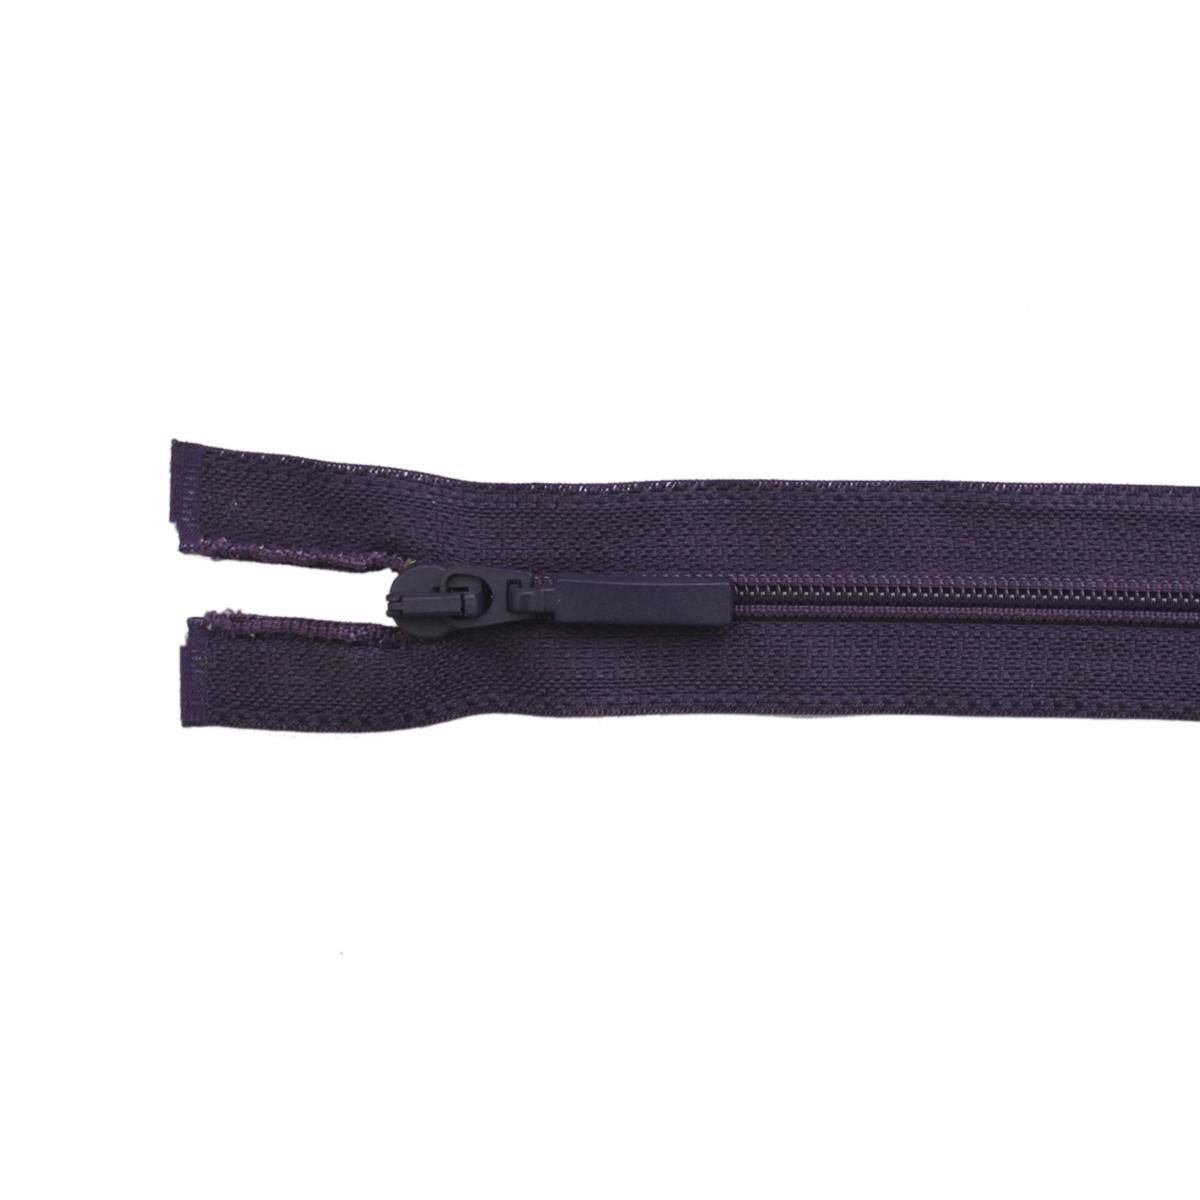 Застежка-молния витая Arta-F, цвет: фиолетовый (867), 80 см25380-867Продукция ARTA-F сертифицирована на Российский, Британский и Латвийский стандарт. Фурнитура ARTA-F изготавливается из европейских материалов, на современном оборудовании, в соответствии с высокими требованиями стандартов. Вся продукция фабрики проходит тесты на качество.Звено застежки-молнии Экстра имеет боковые приливы, которые исключают контакт замка с текстильной лентой, а сокращенный до минимума зазор между замком и приливами звена предохраняет от возможности попадания в замок подкладки, меха, нитей. В то же время эти меры повышают прочность застежки при высоких нагрузках, особенно на изгиб. Применение таких приливов на молниях ARTA-F не только повышает эксплуатационные качества застежки, но и увеличивает прочность крепления звена к ленте, и продлевает срок службы застежек-молний ARTA-F. Такая застежка-молния безопасна, легка в использовании и не повредит одежду.